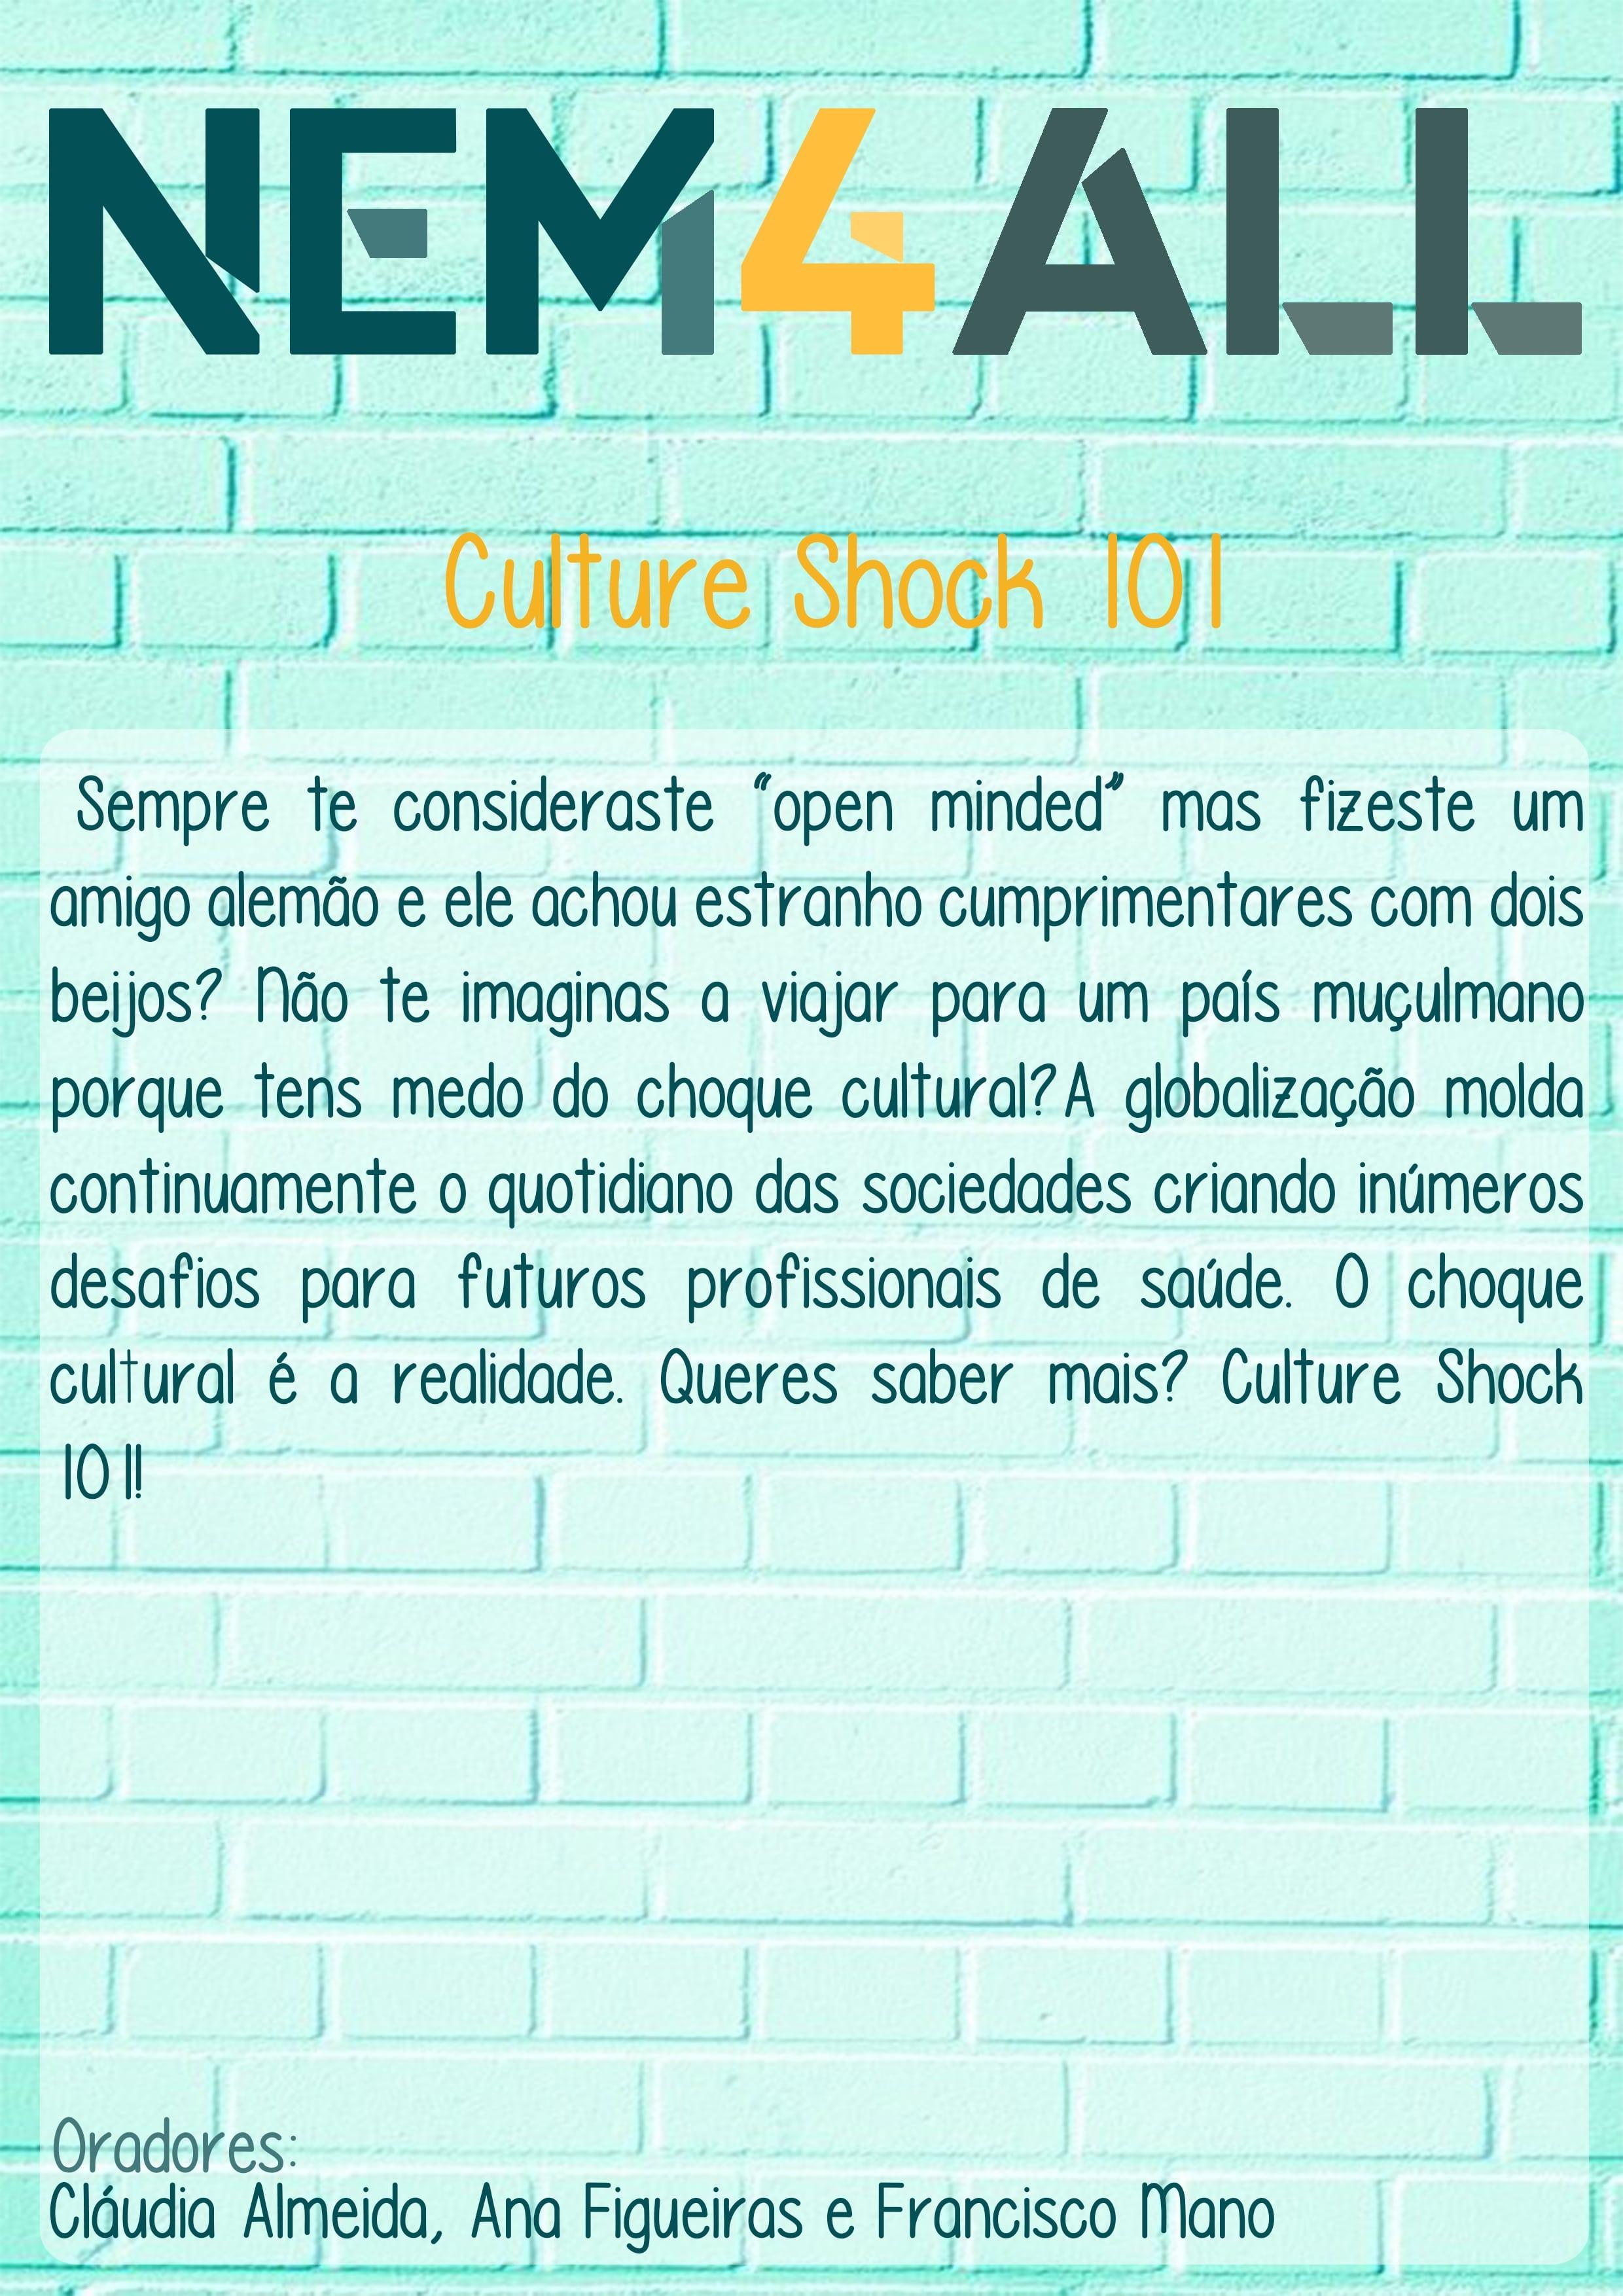 Cópia de Culturesock101